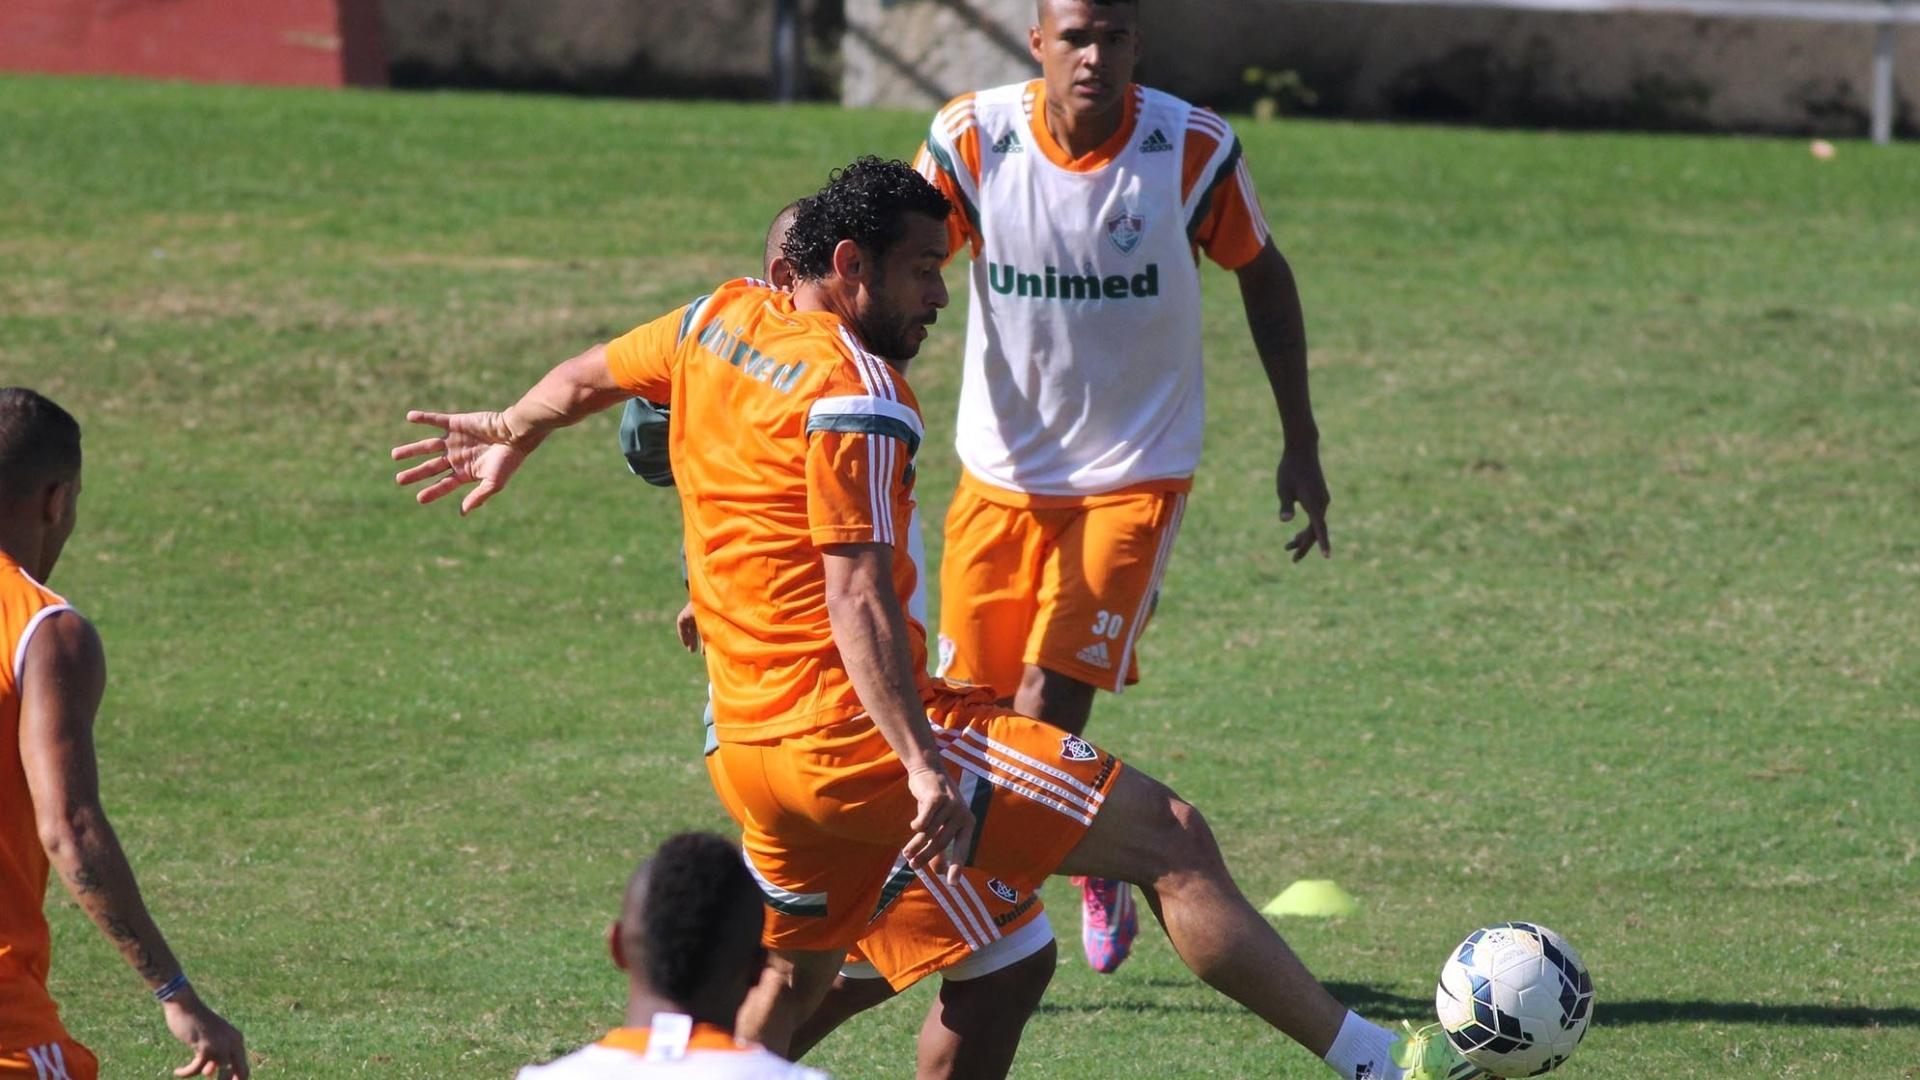 04 ago. 2014 - Fred tenta dominar a bola durante treinamento com reservas do Fluminense, nas Laranjeiras